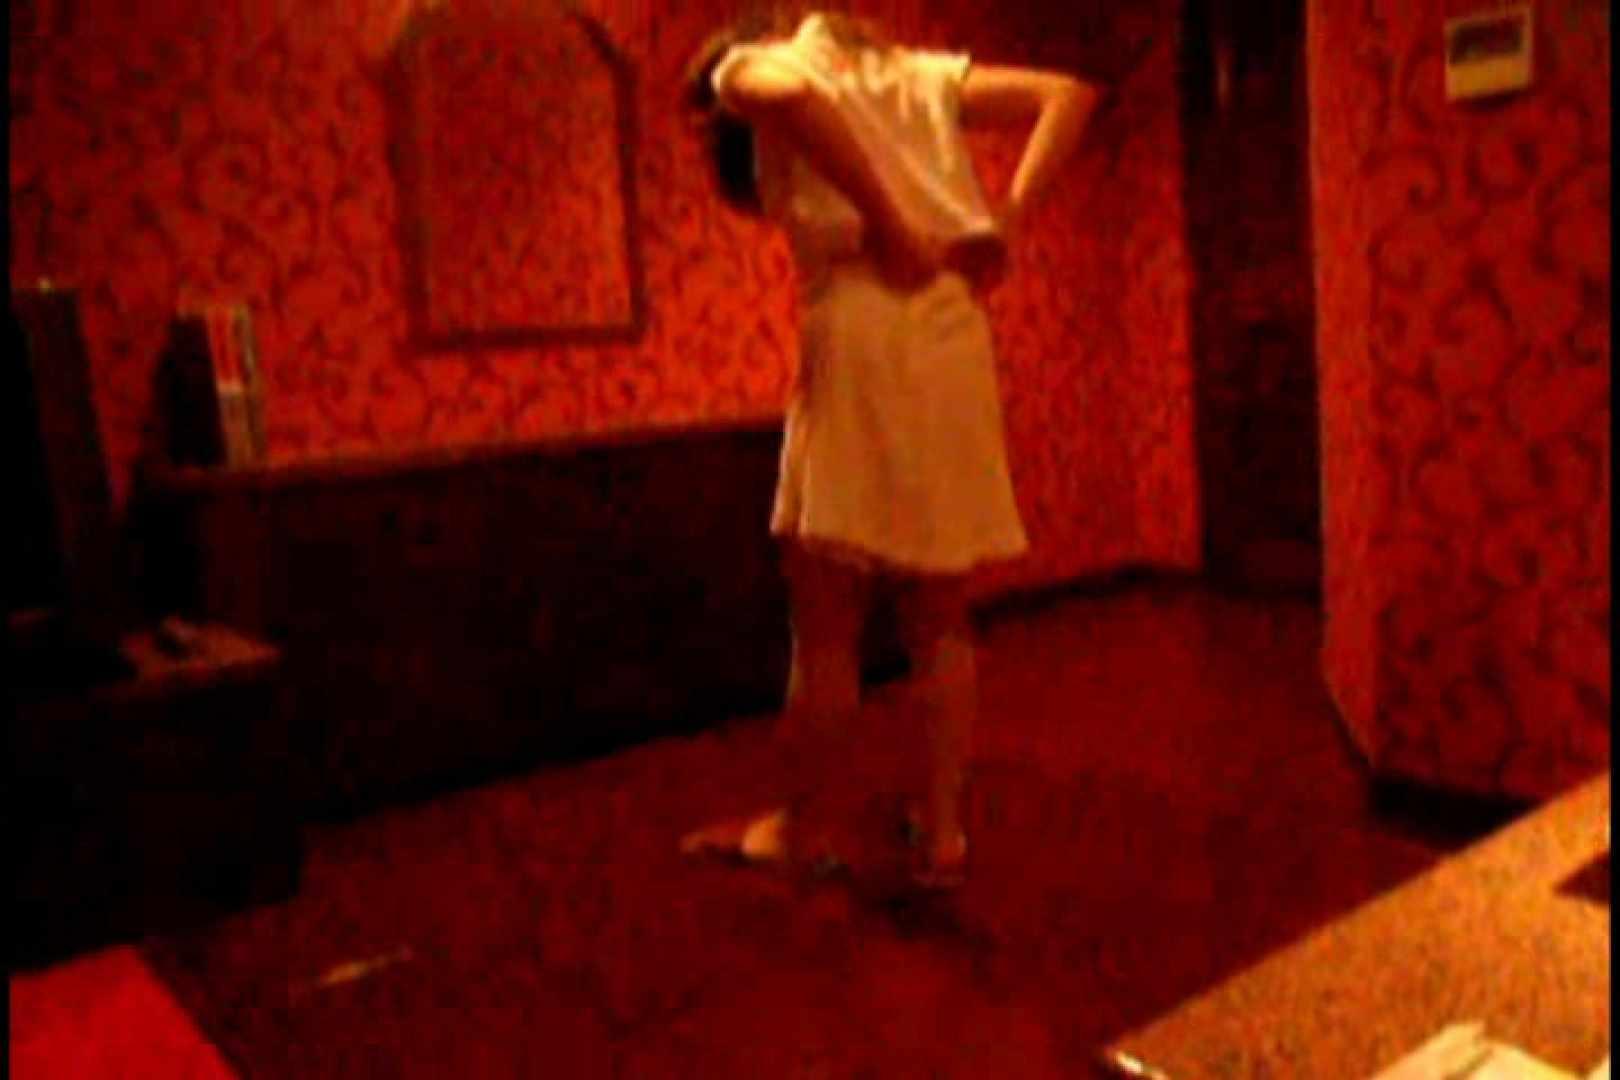 某掲示板に投稿された素人女性たちVOL.9 ホテル 性交動画流出 38連発 11